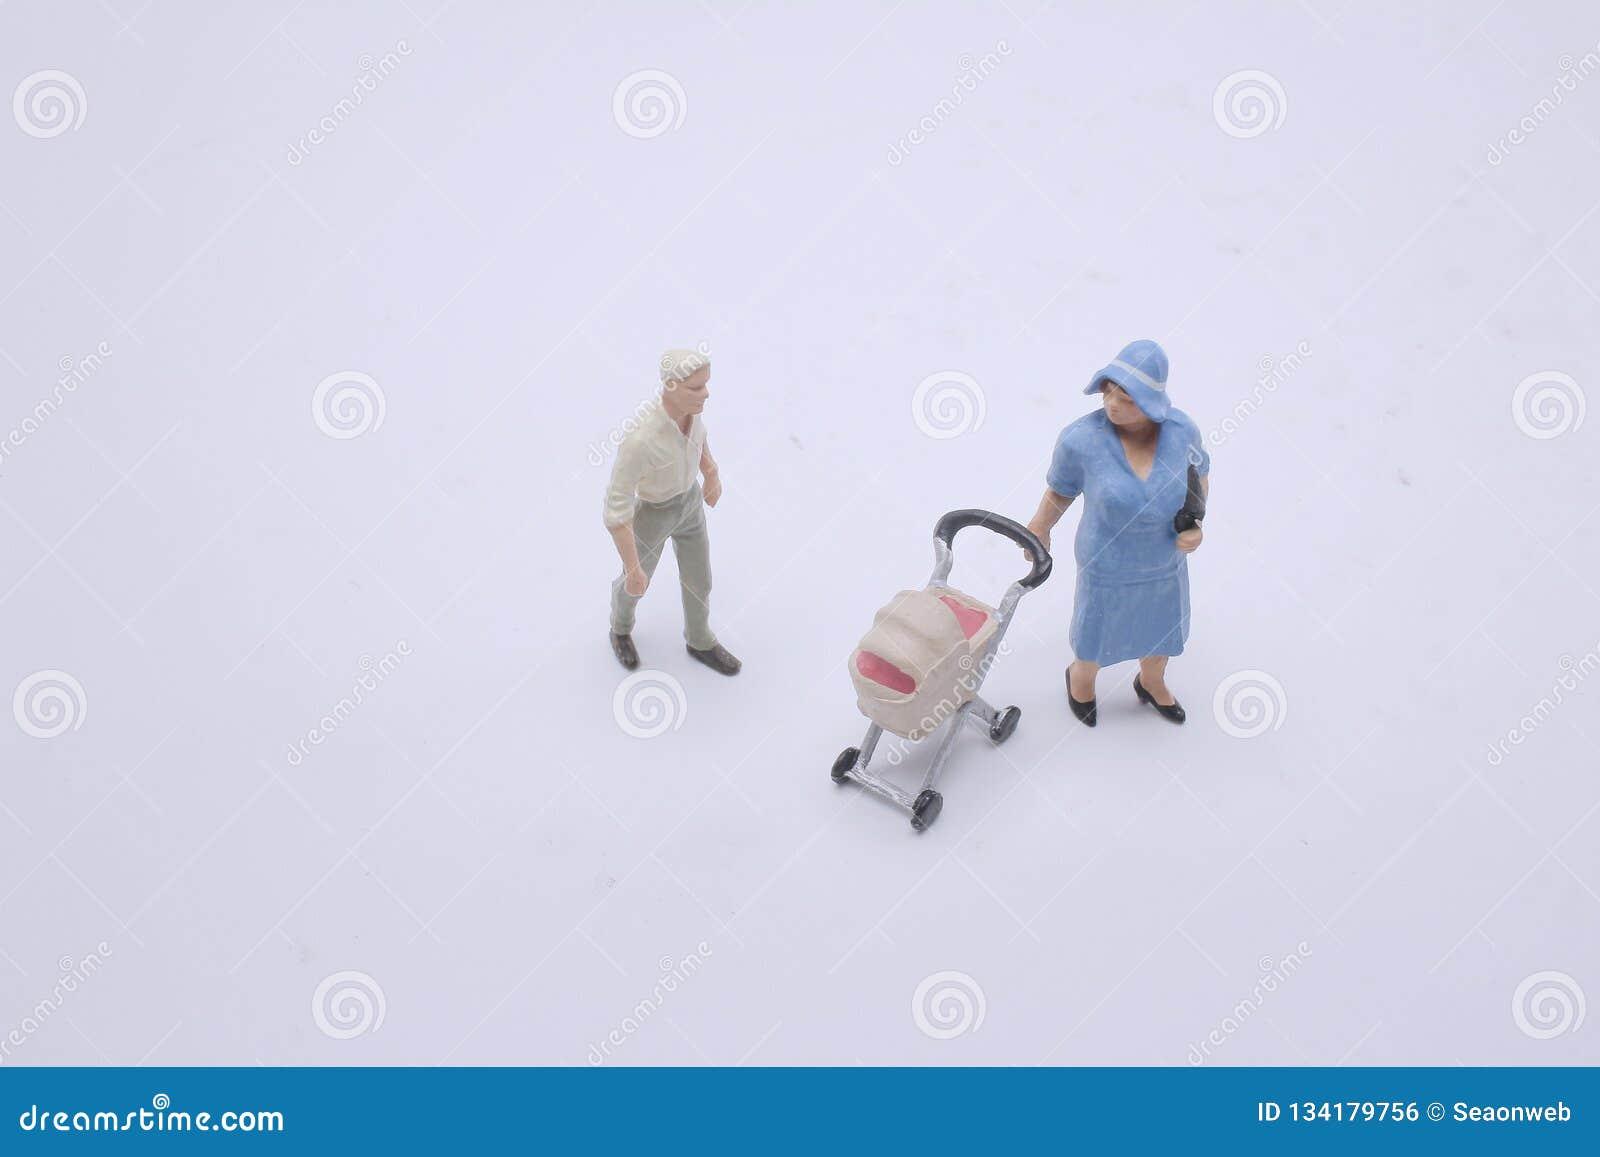 一个微型母亲形象和婴儿车